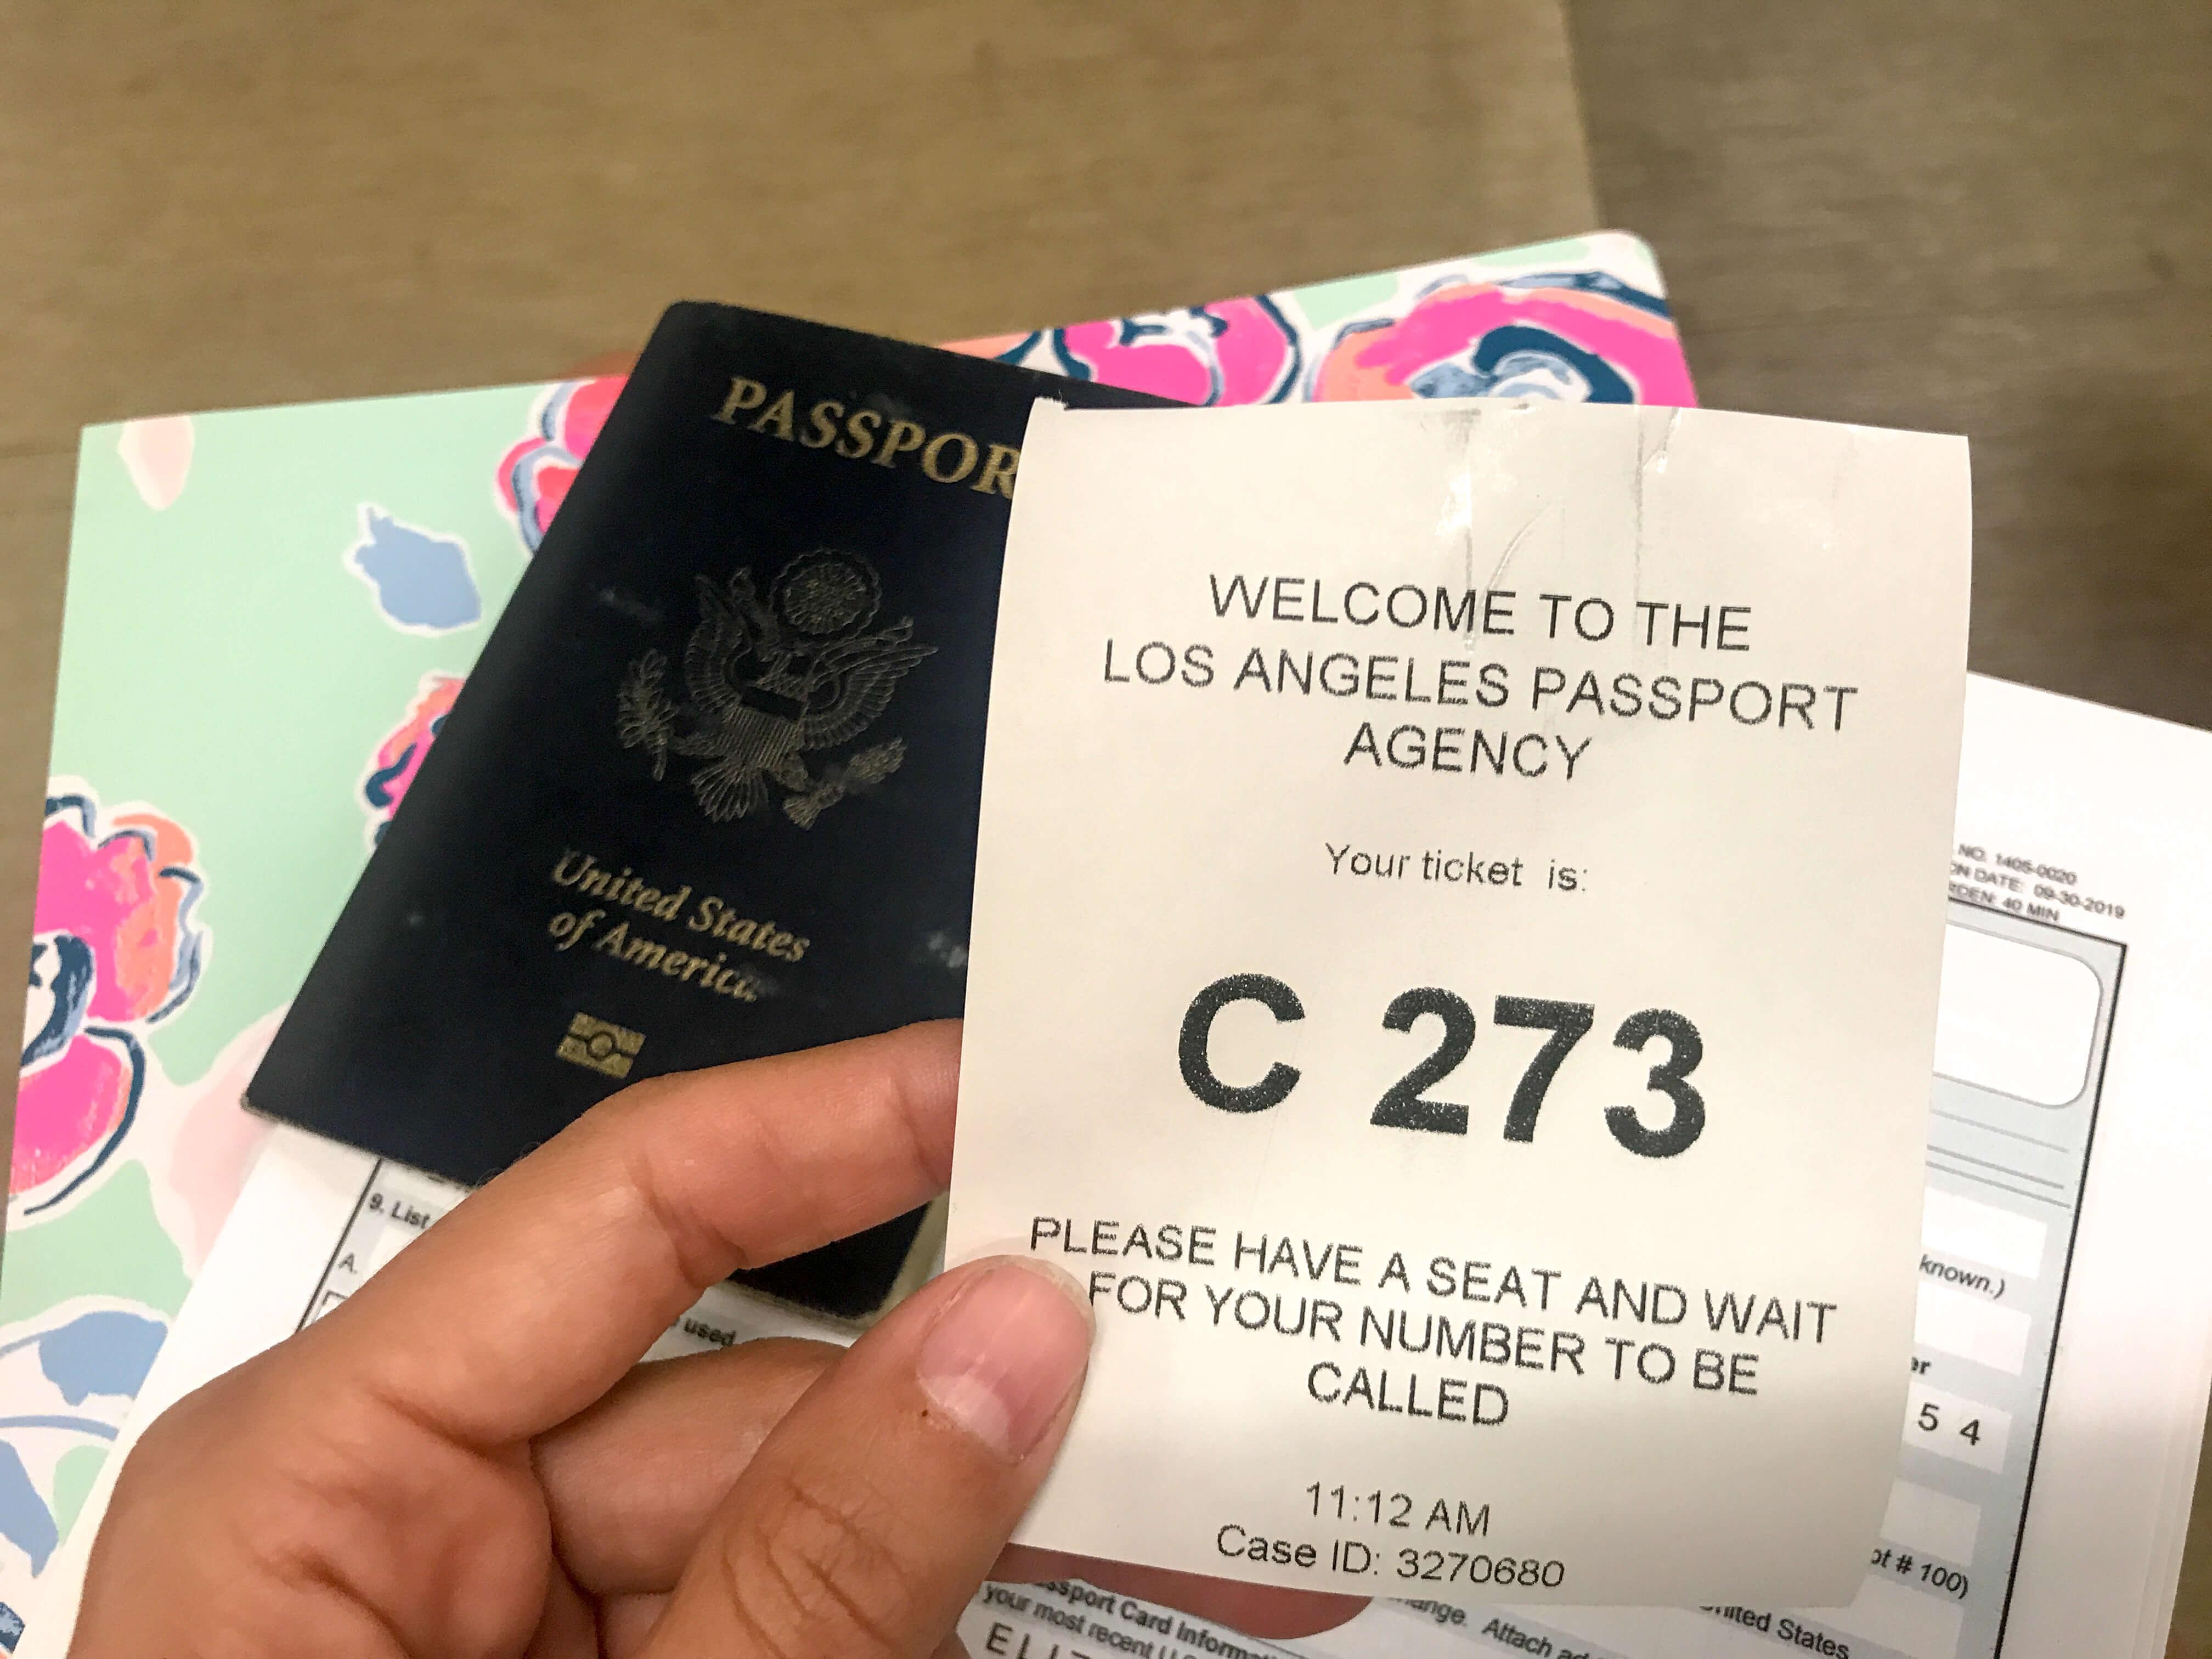 passport waiting number